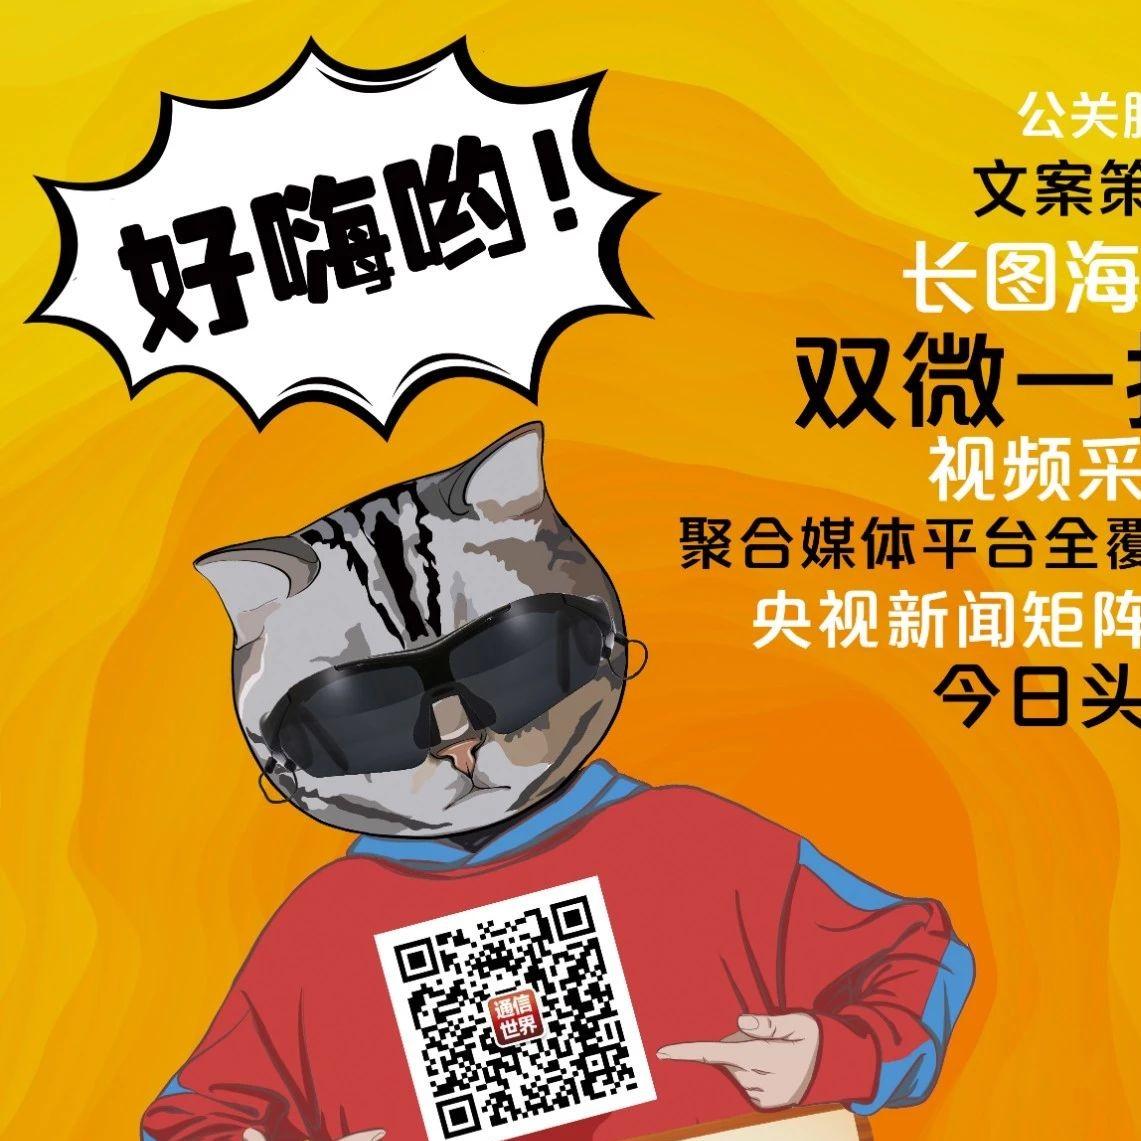 喵博士资讯   中国联通已建设开通2.8万个5G基站;云计算发展白皮书:今年规模达1290亿元